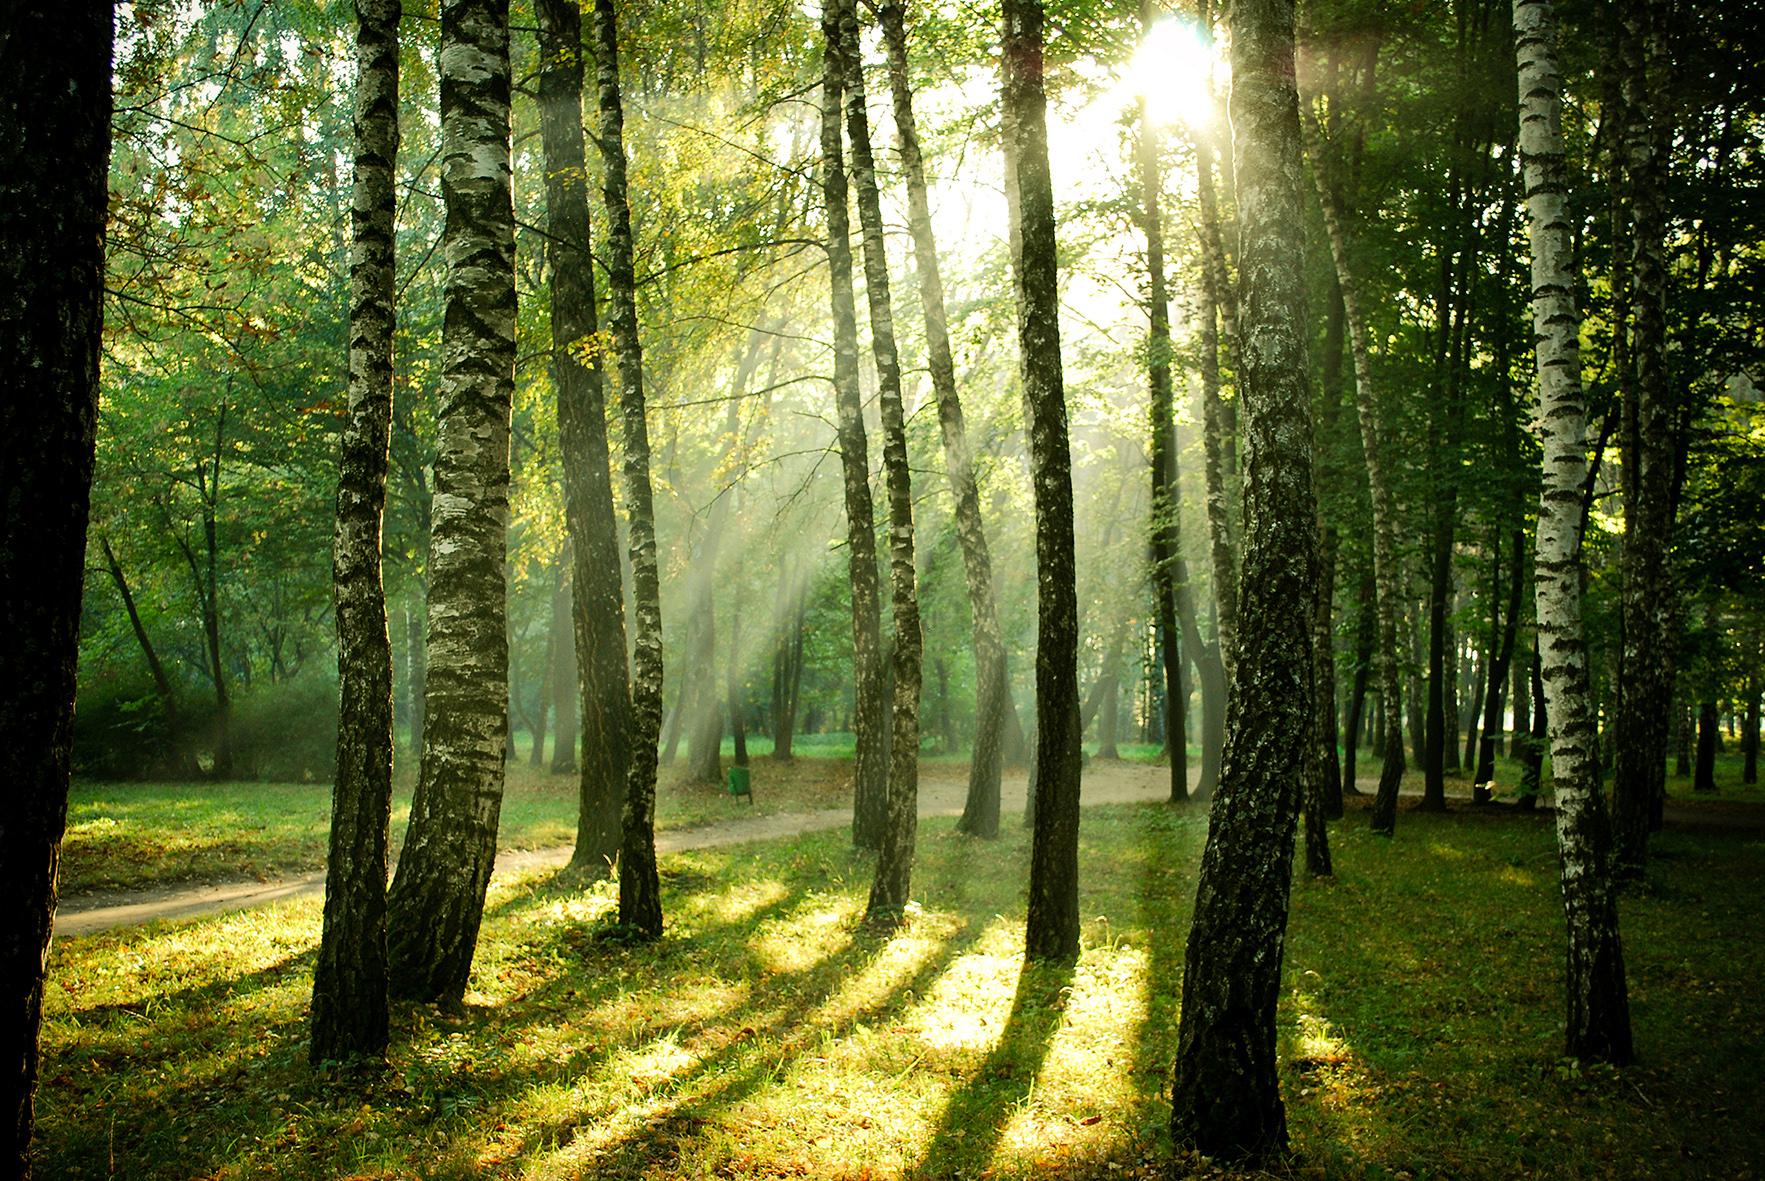 una fotografia sulle foreste in europa felicit pubblica